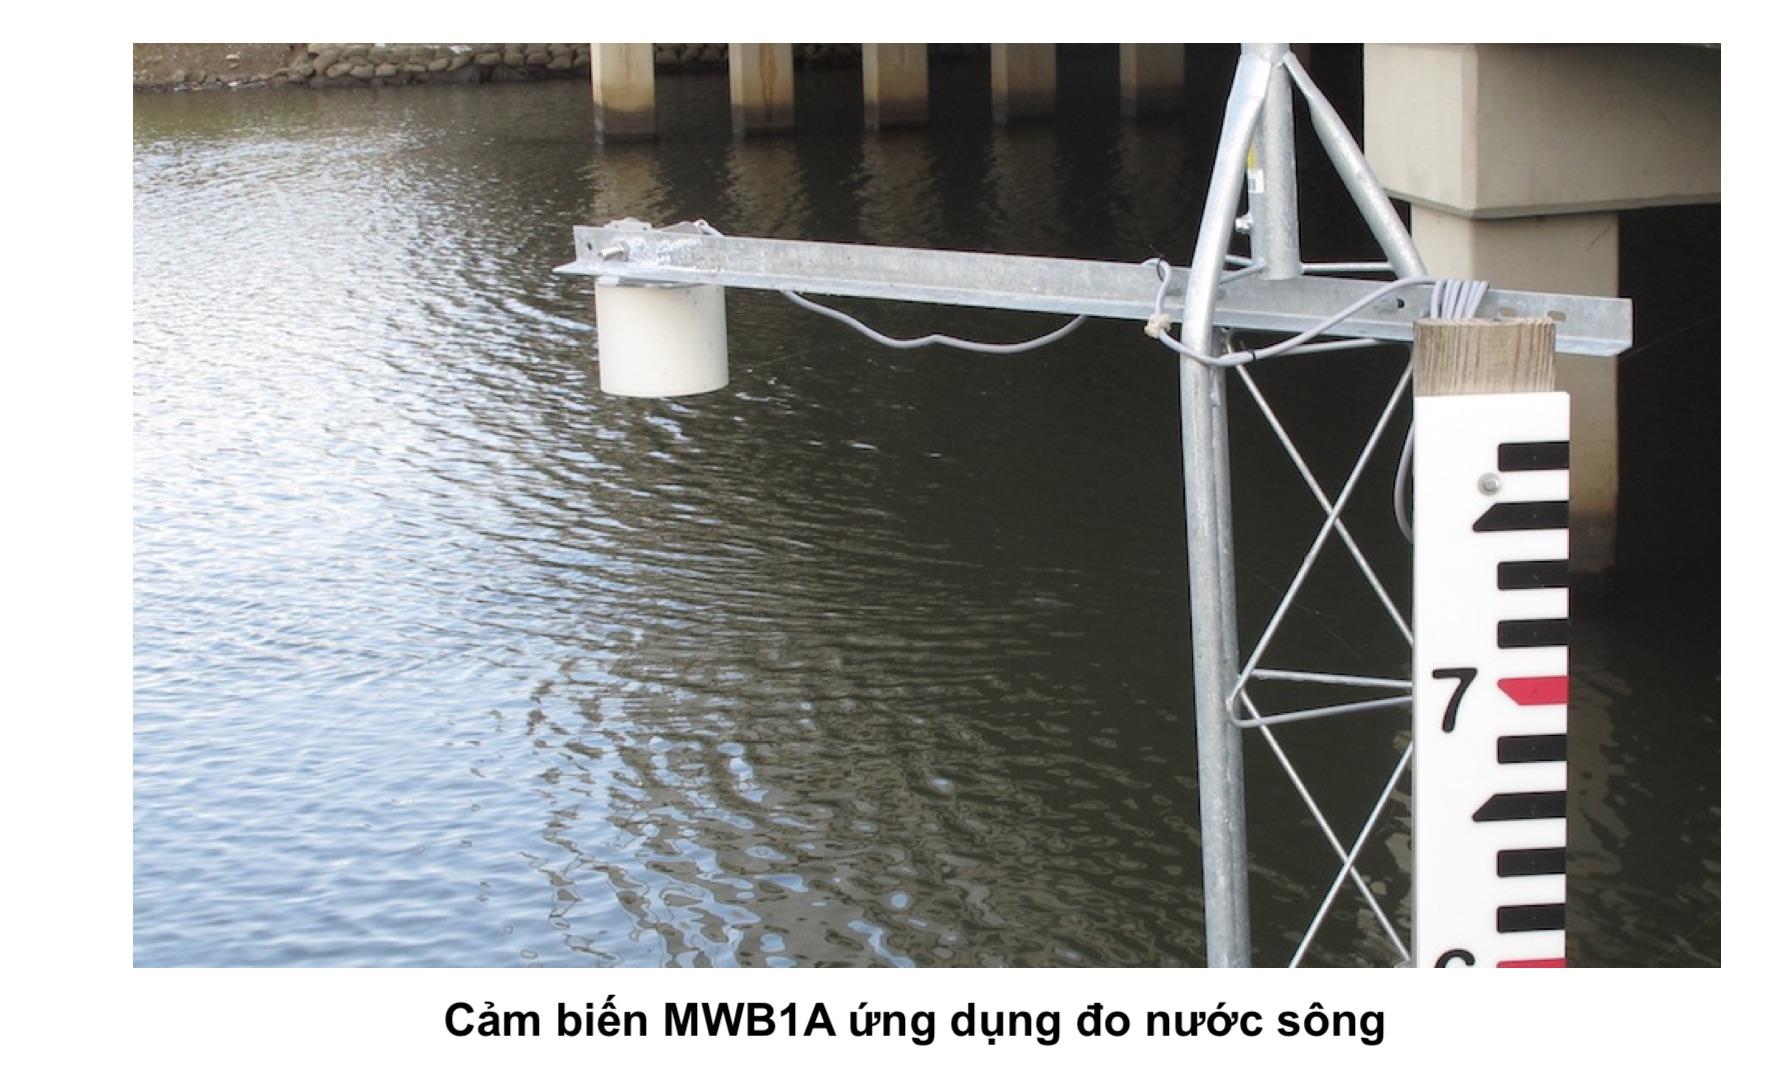 Ứng dụng đo nước sông dùng MWB1A